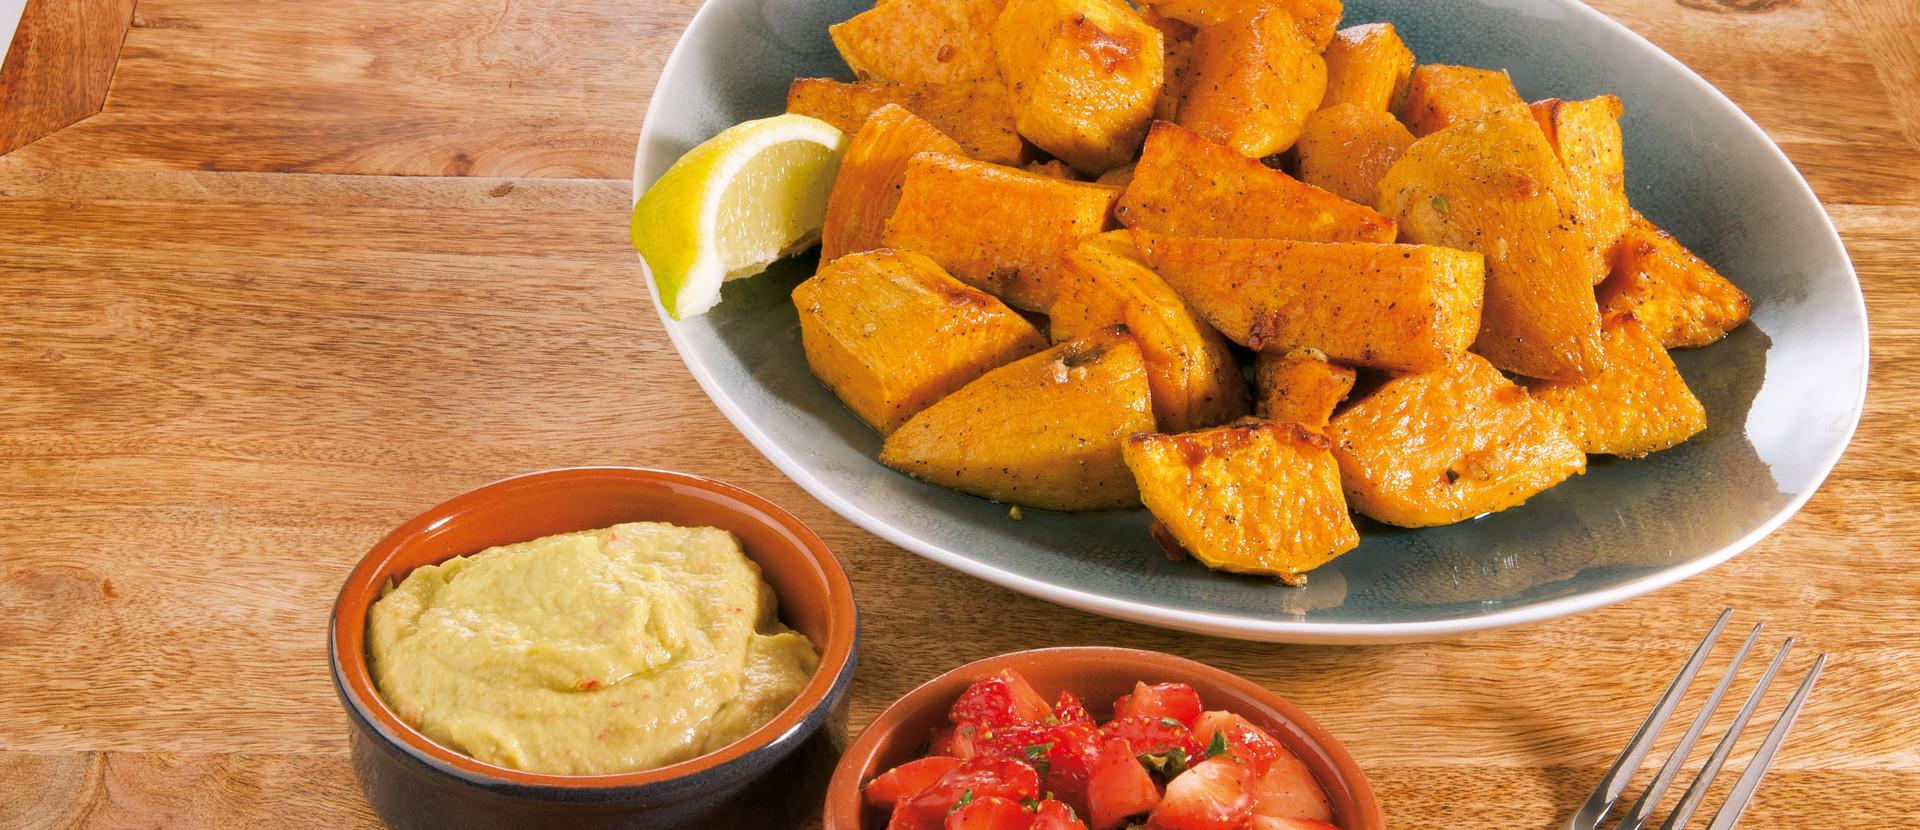 Gegrillte Suesskartoffeln mit Dips